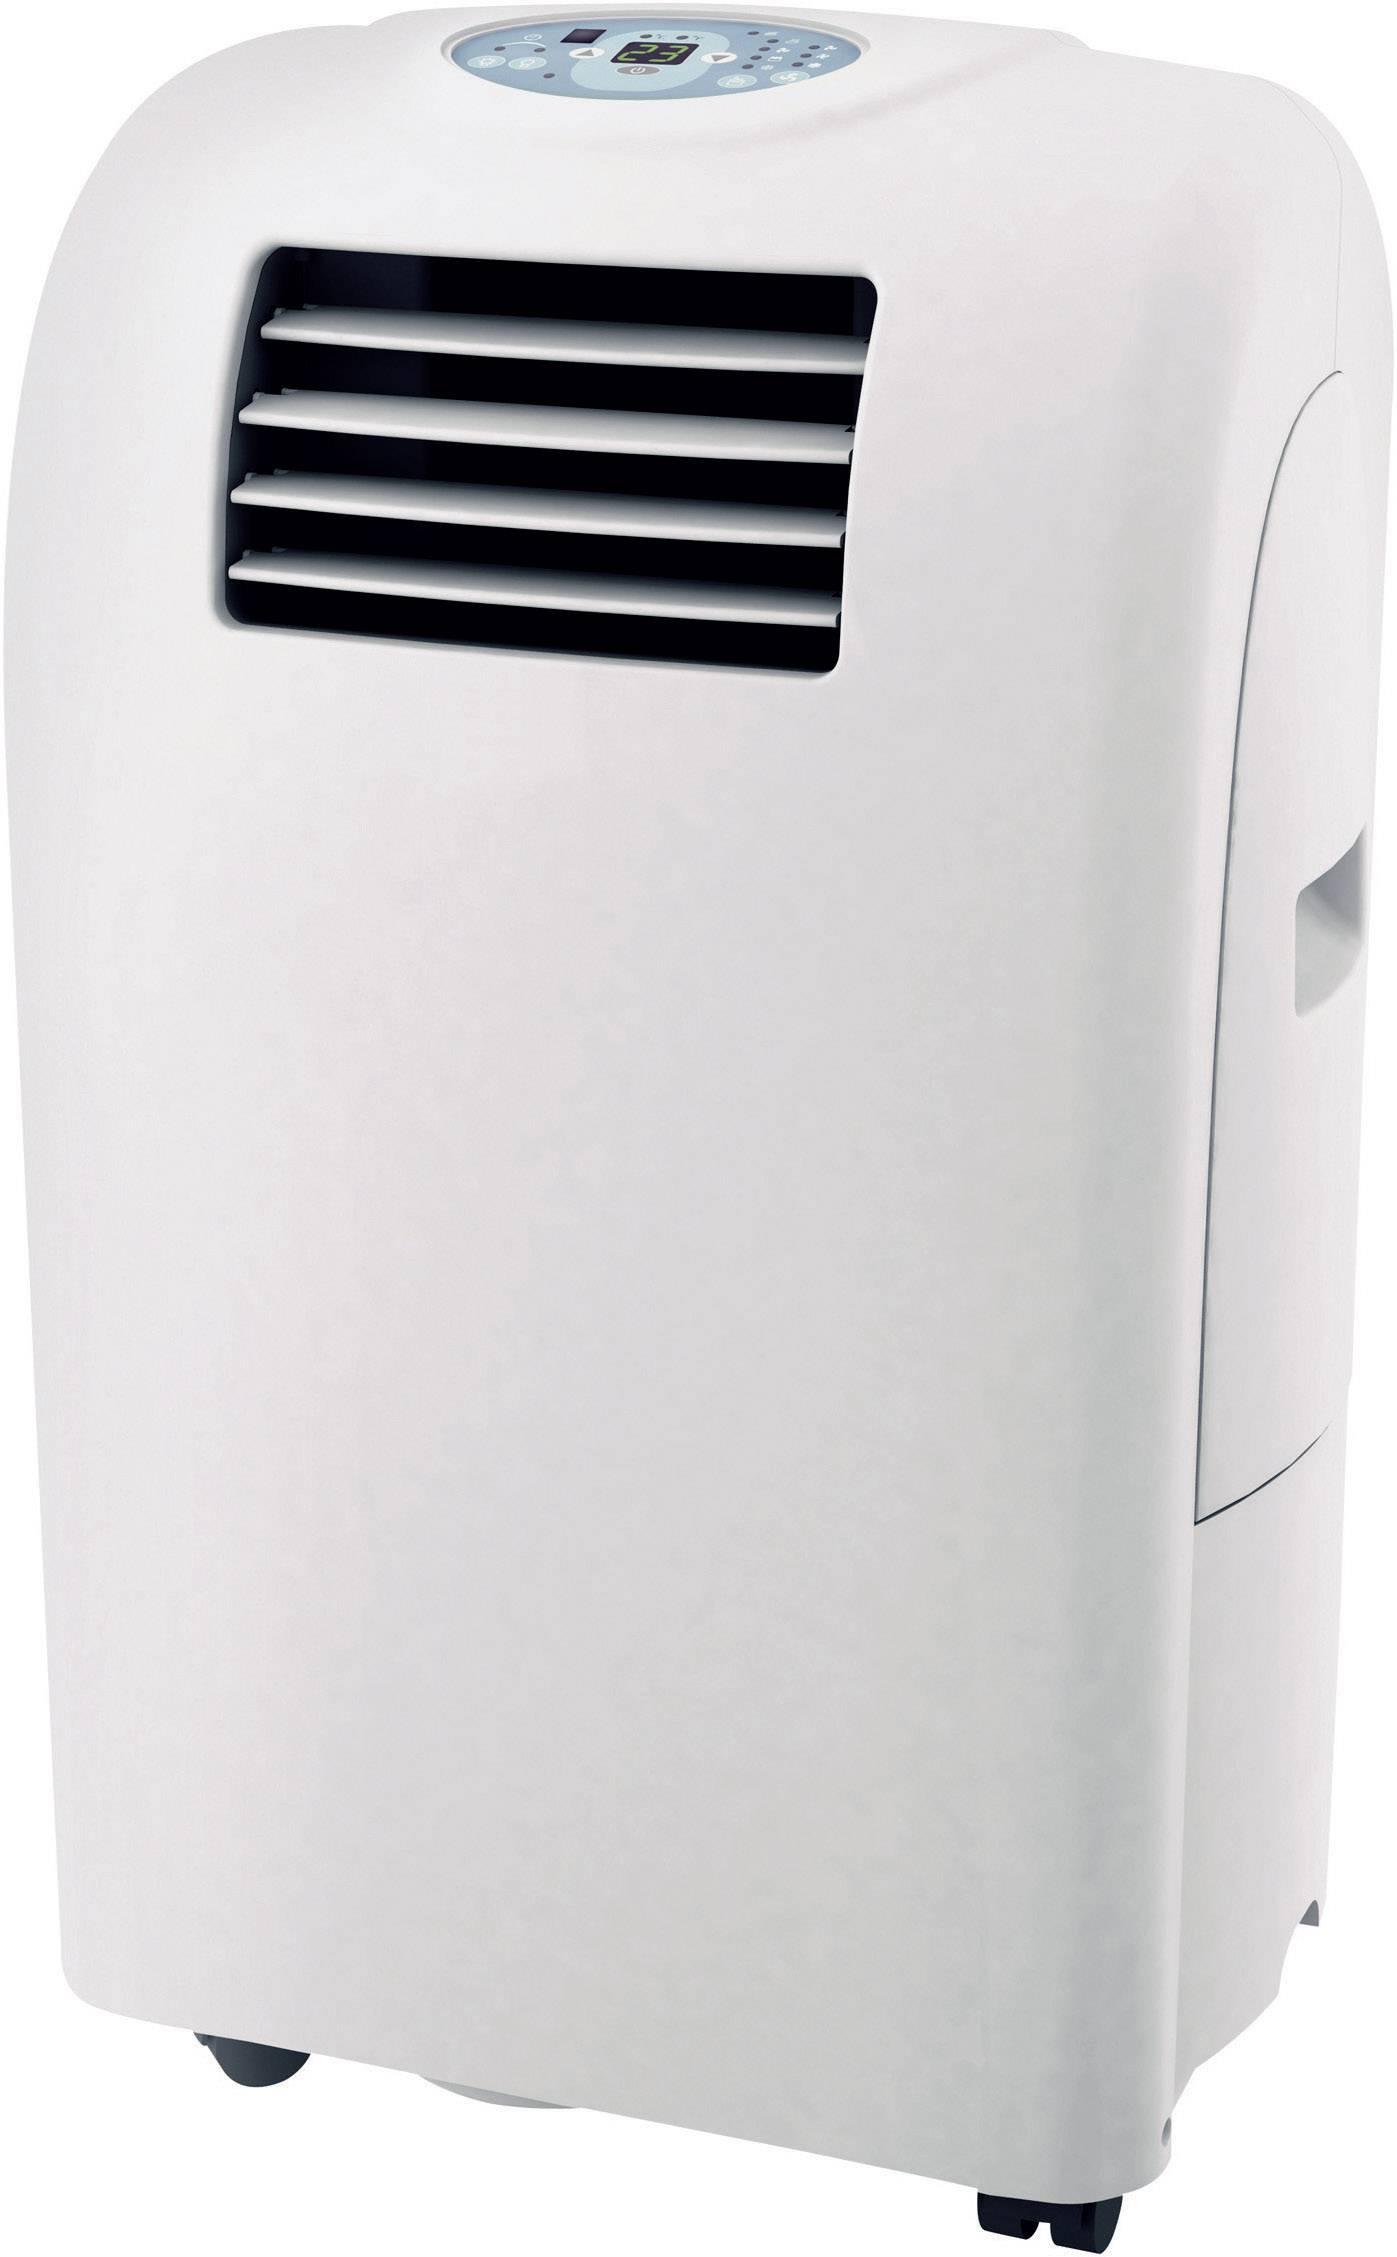 Monoblokové klimatizační jednotky